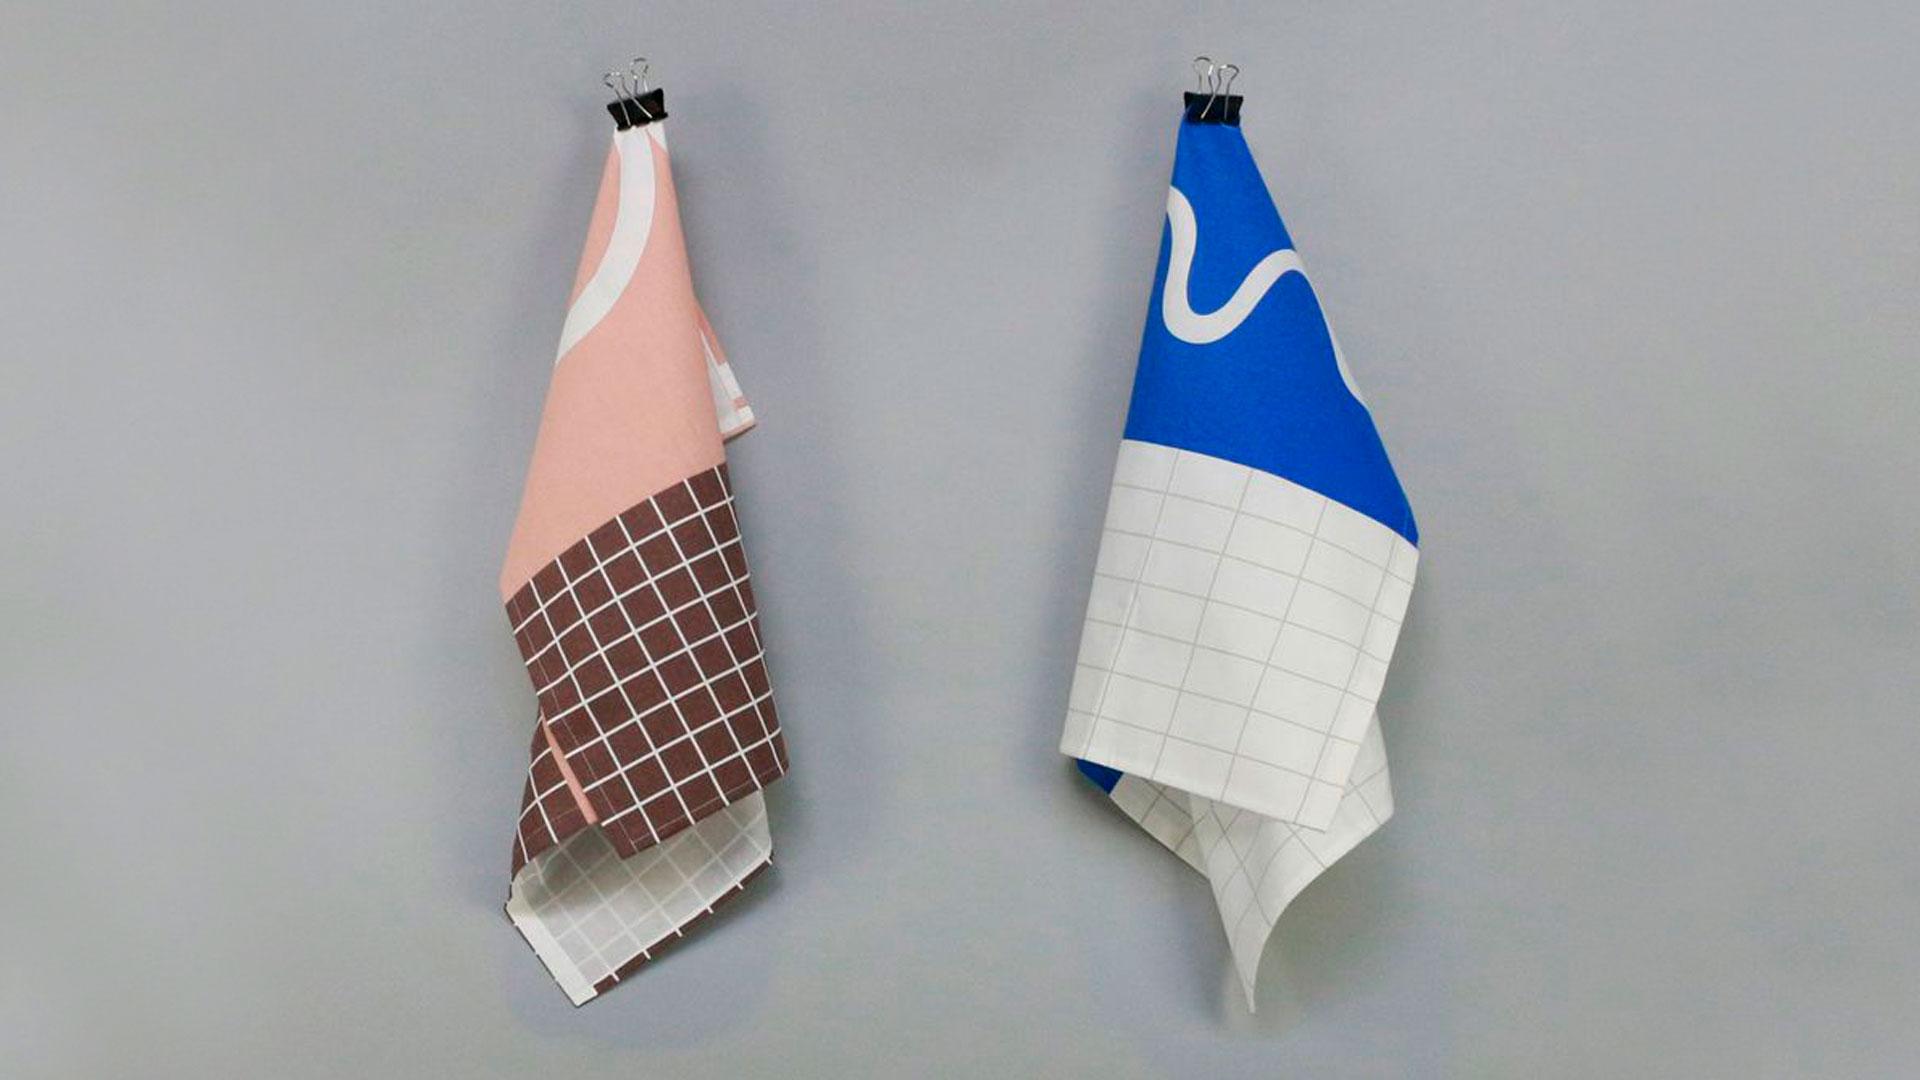 Artículos diseñados por Tom Pigeon para Barbican Shop en exclusiva